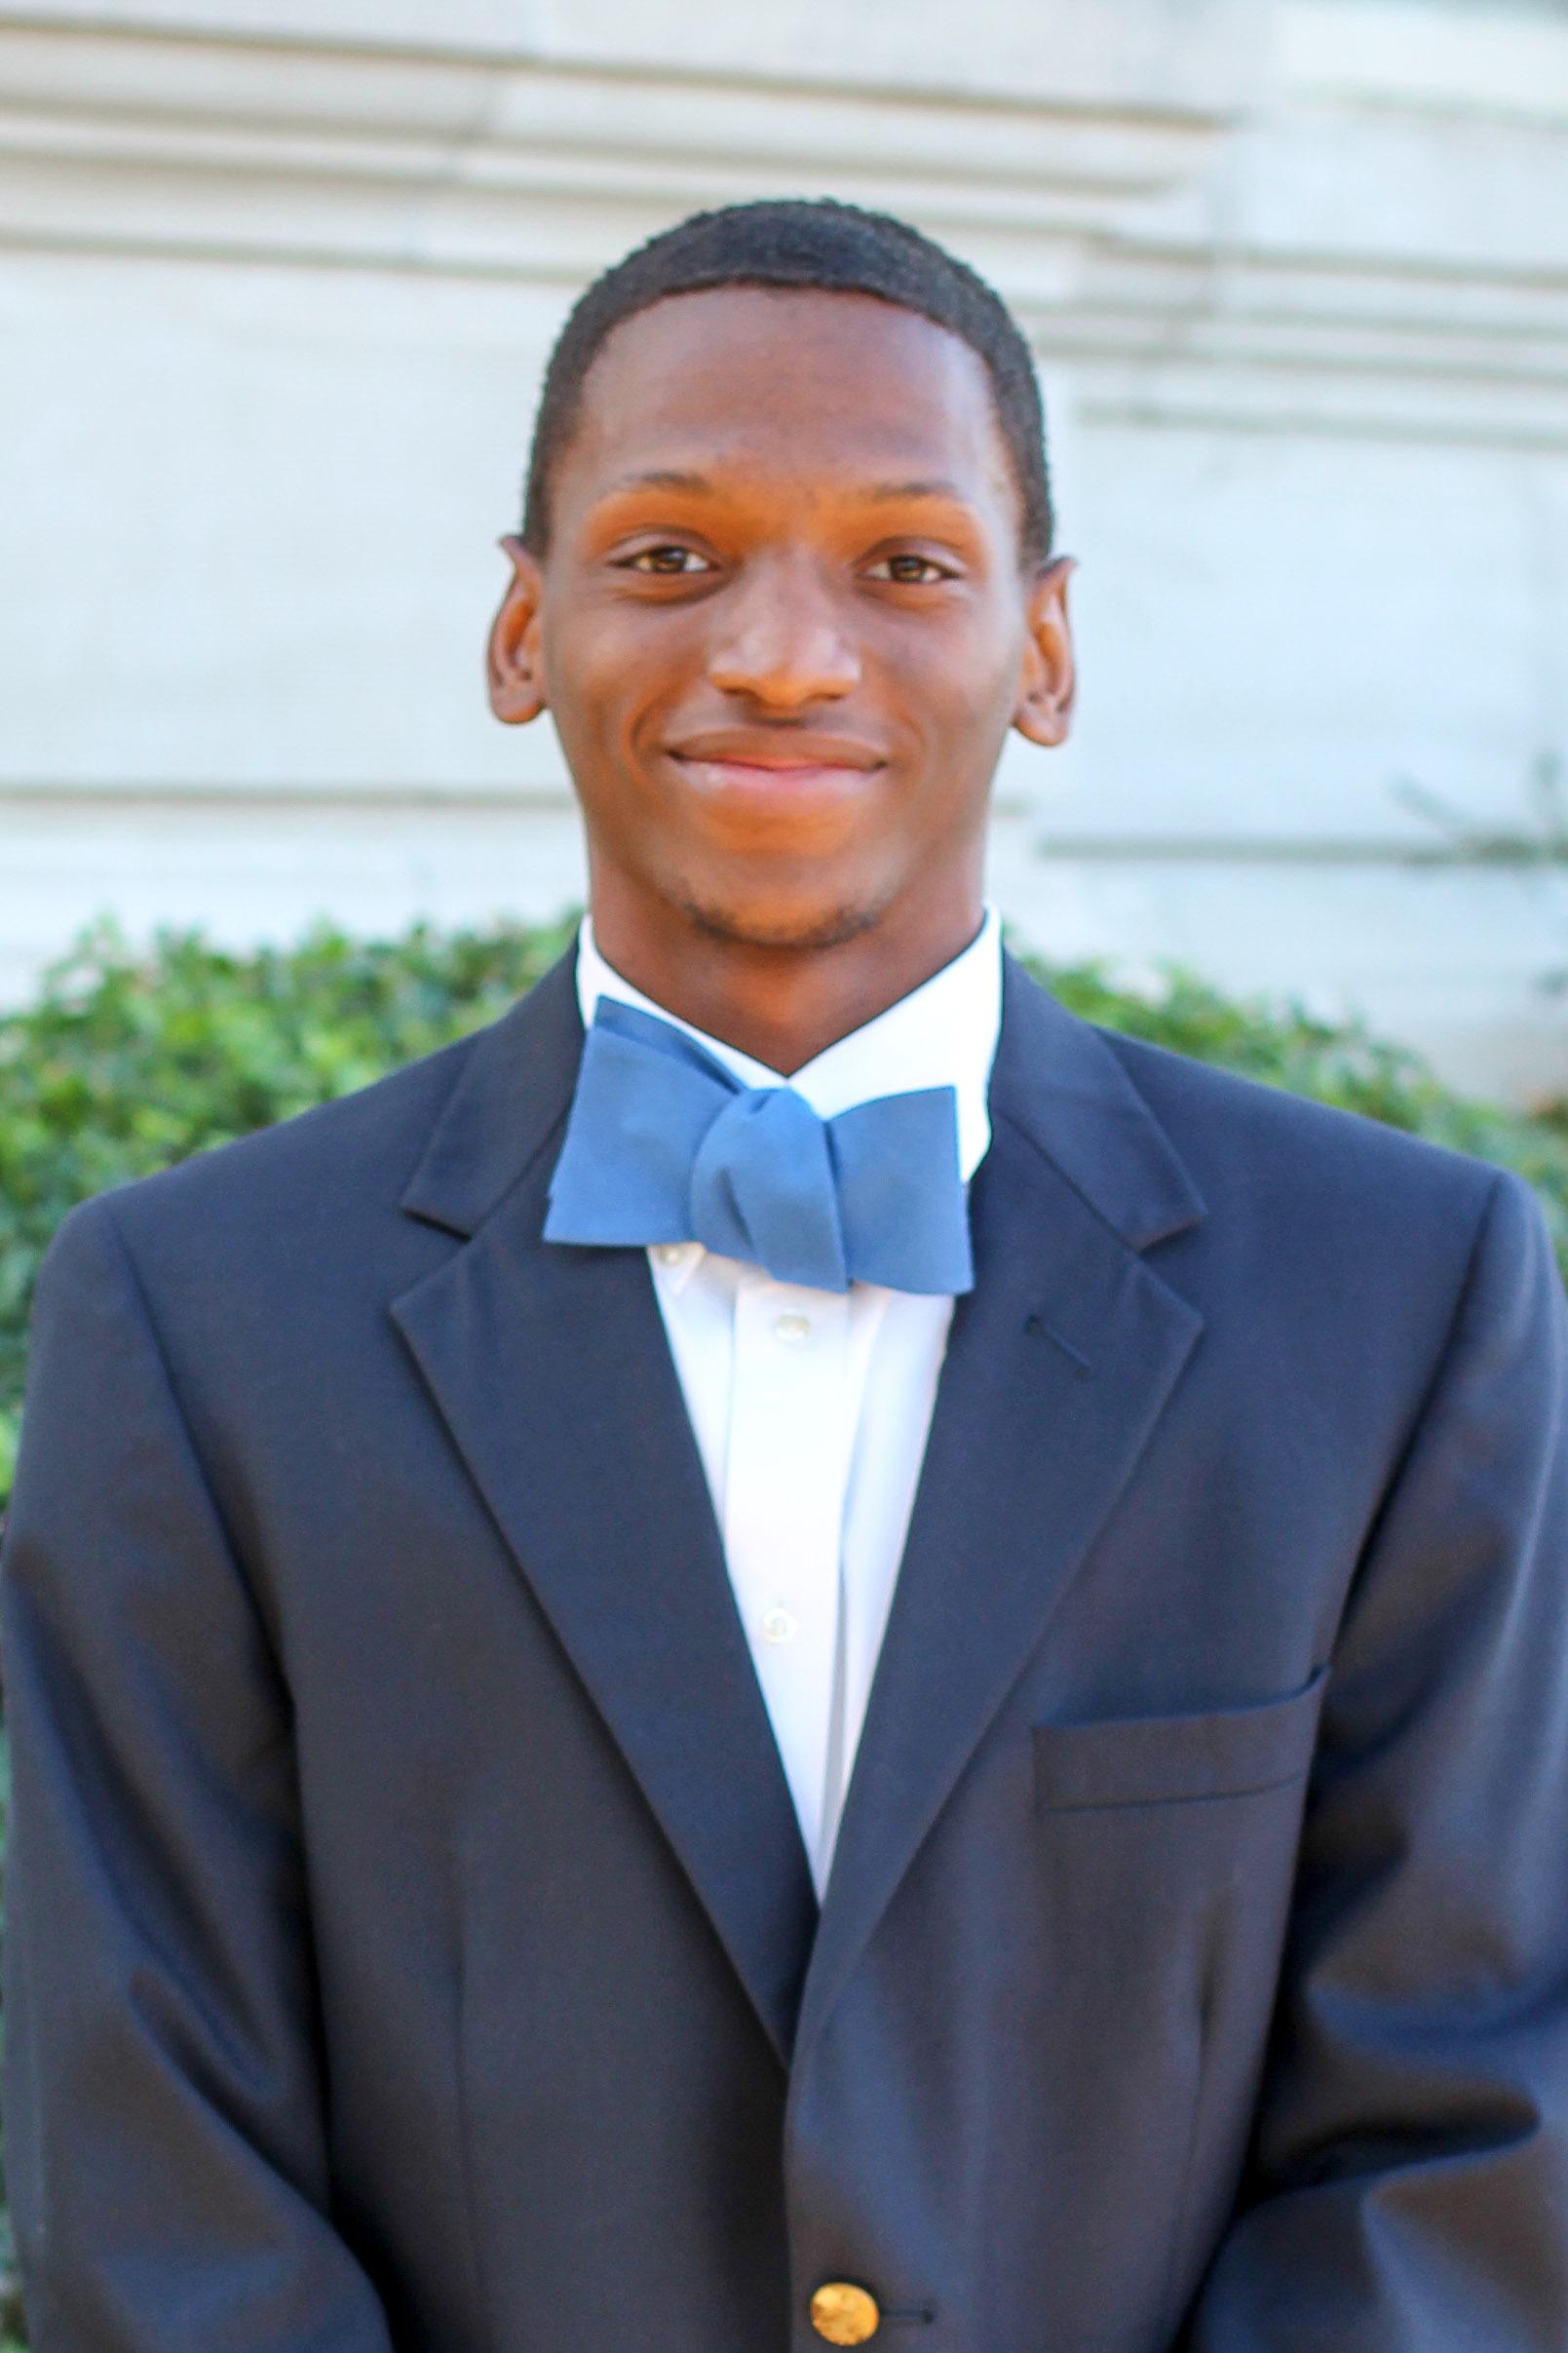 Justin Anderson DSU ($1,500 scholarship freshman year)